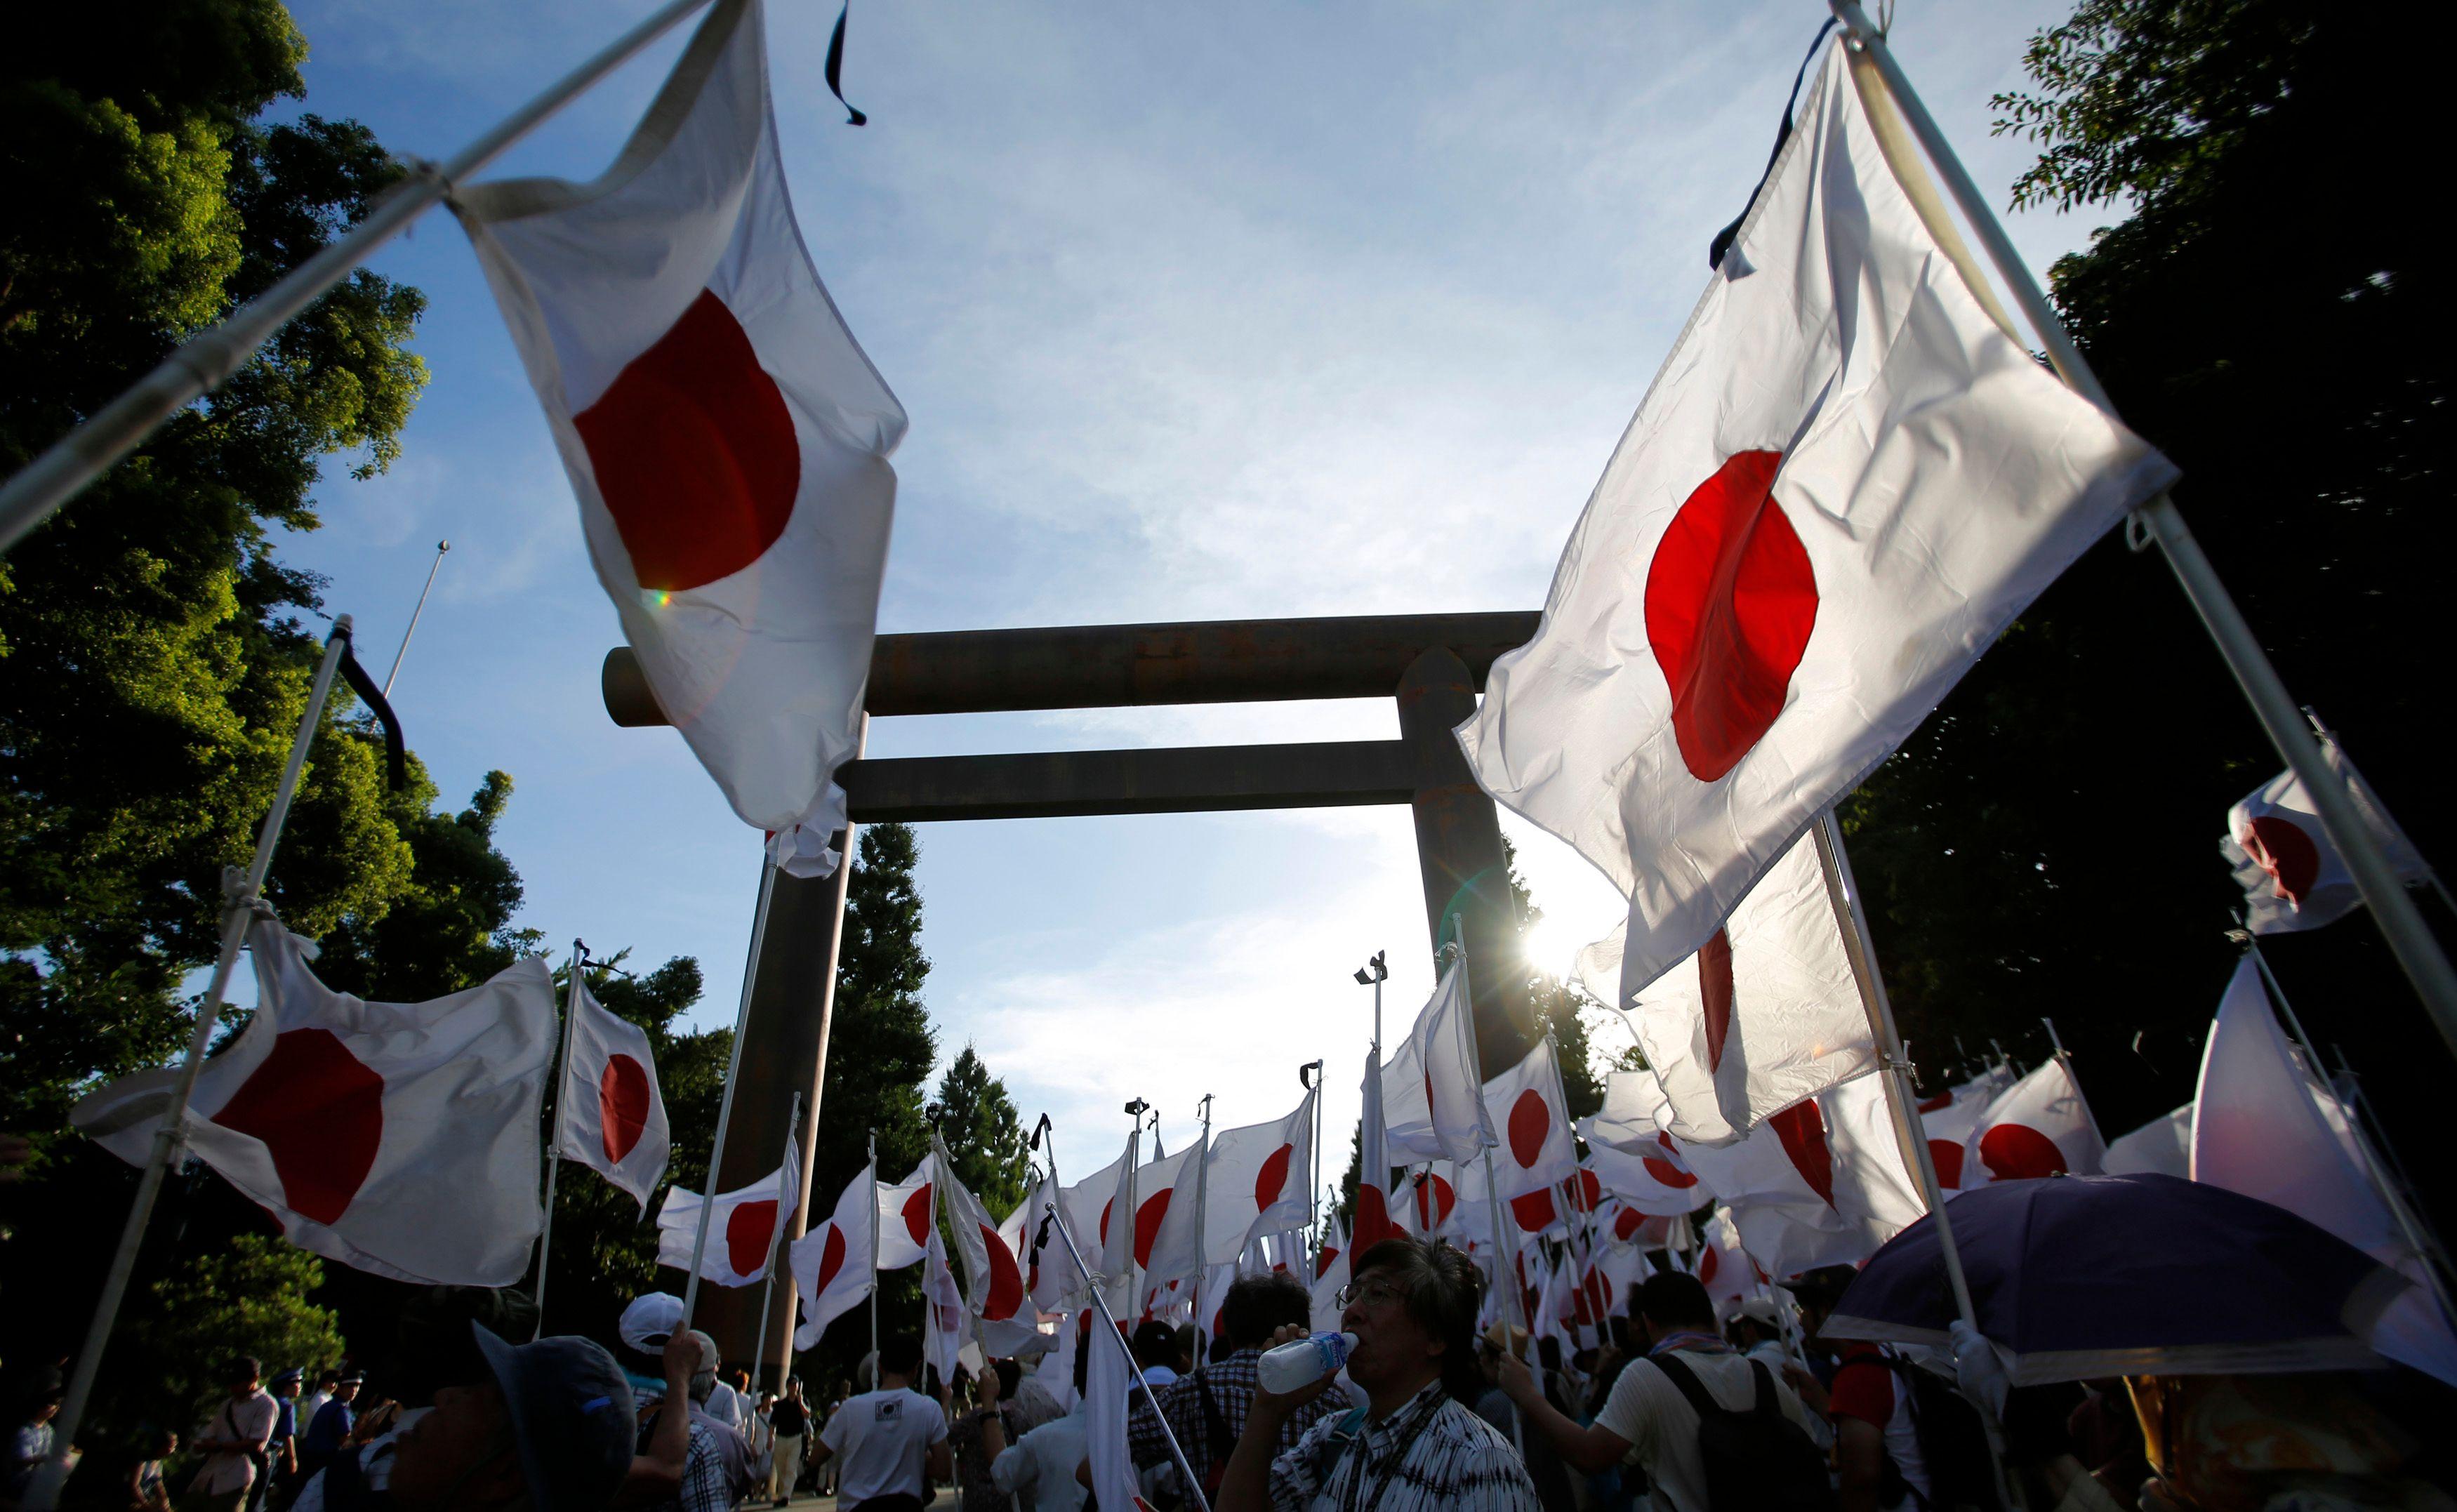 Les Chinois reprochent aux Japonais de ne pas s'être suffisamment excusés pour les crimes de guerre, et les milieux nationalistes japonais cherchent de leur côté (c'est une constante depuis 1945) à minimiser ces crimes de guerre.